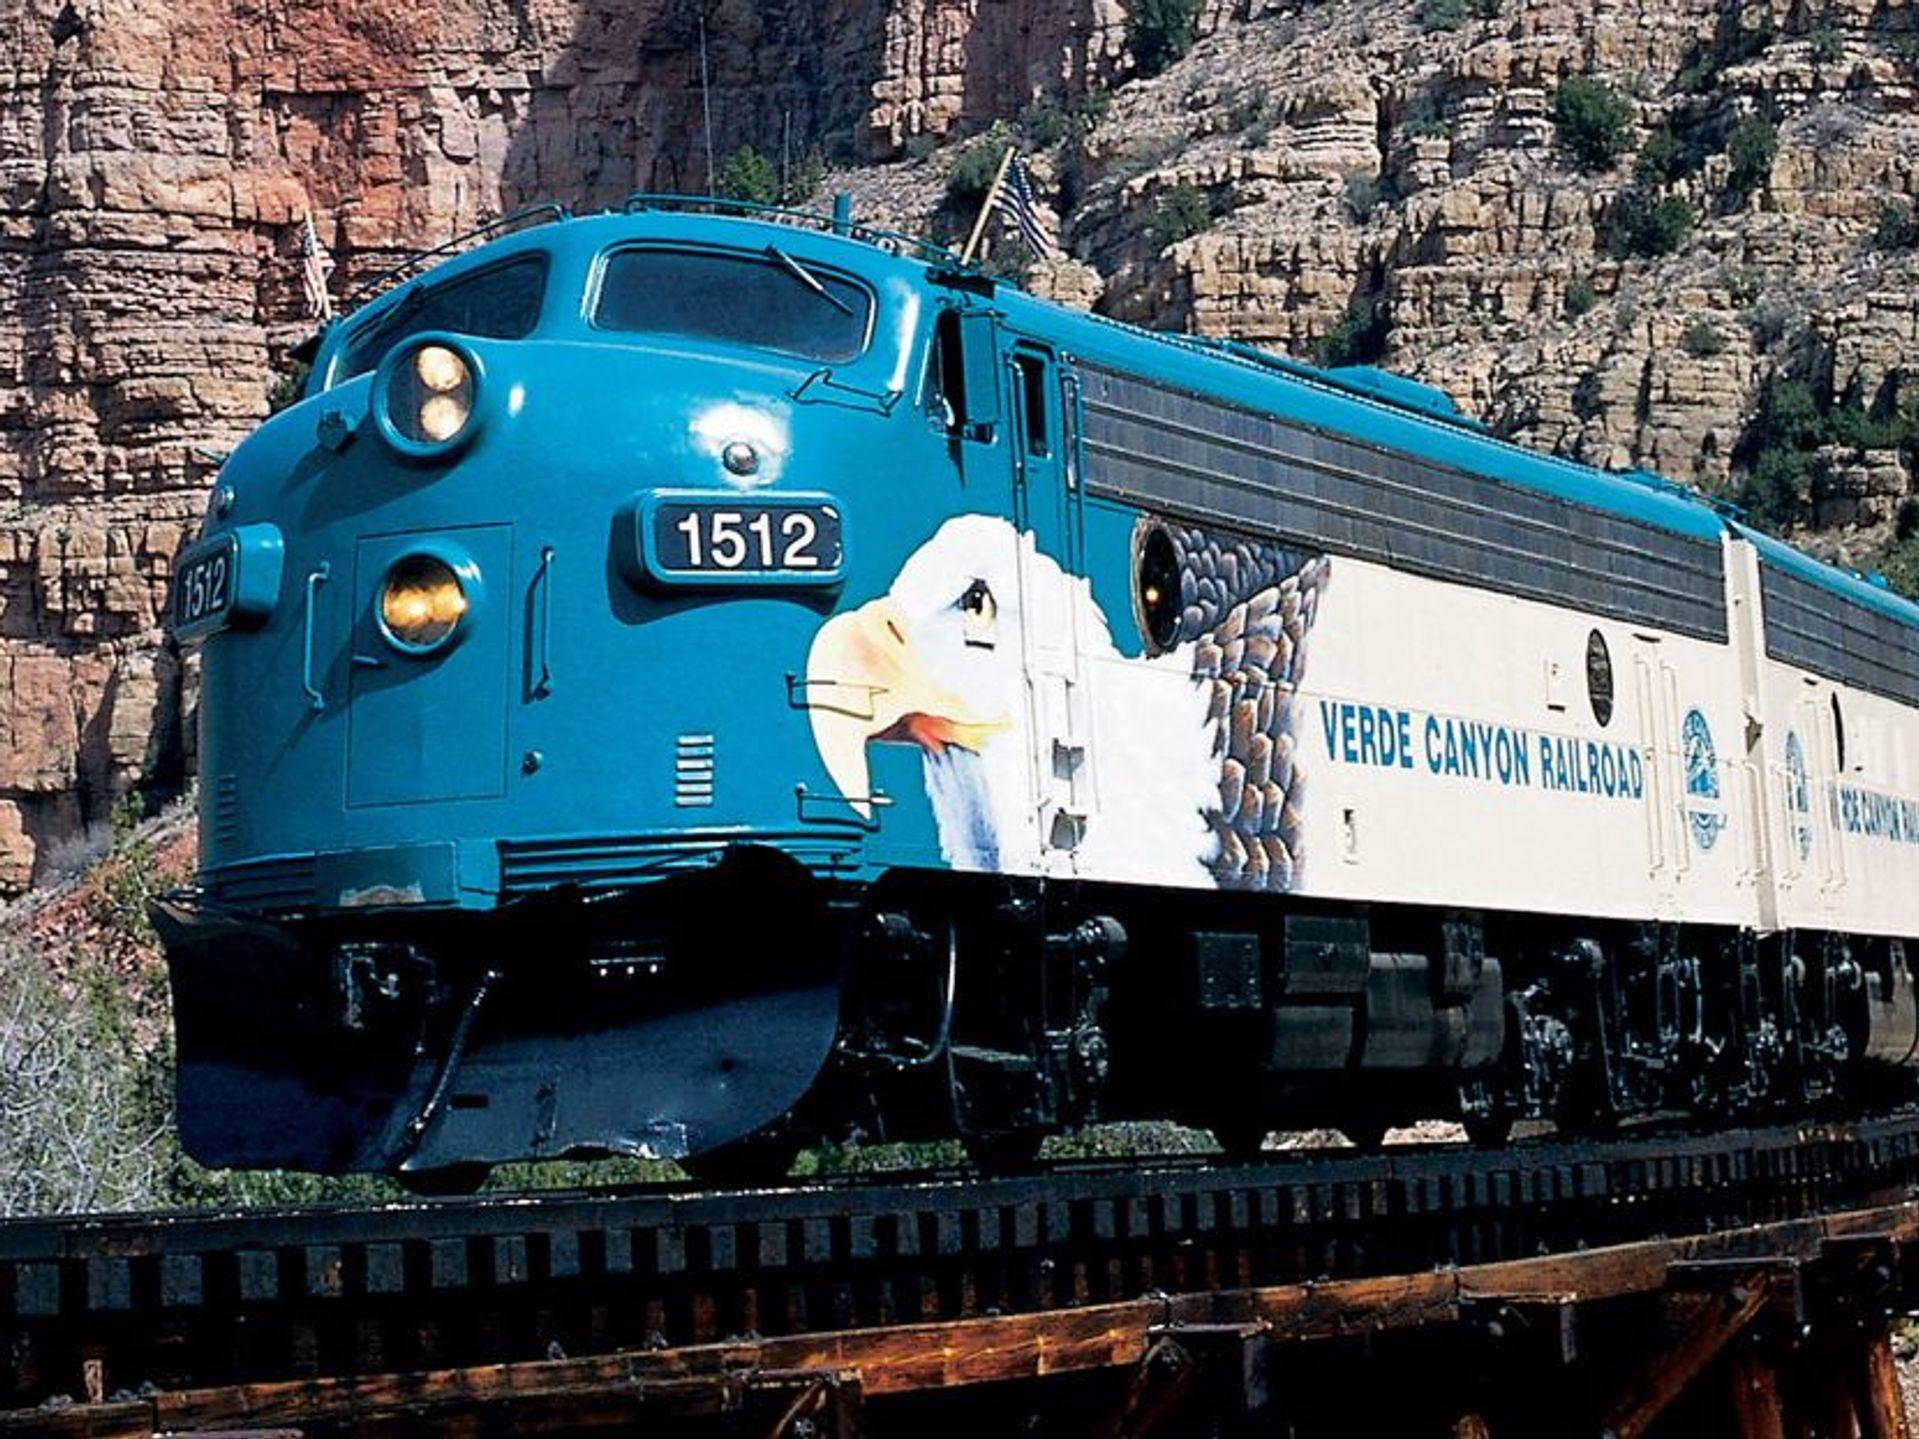 El viaje en tren del ferrocarril Verde Canyon viaja a través del país de roca roja de Arizona.